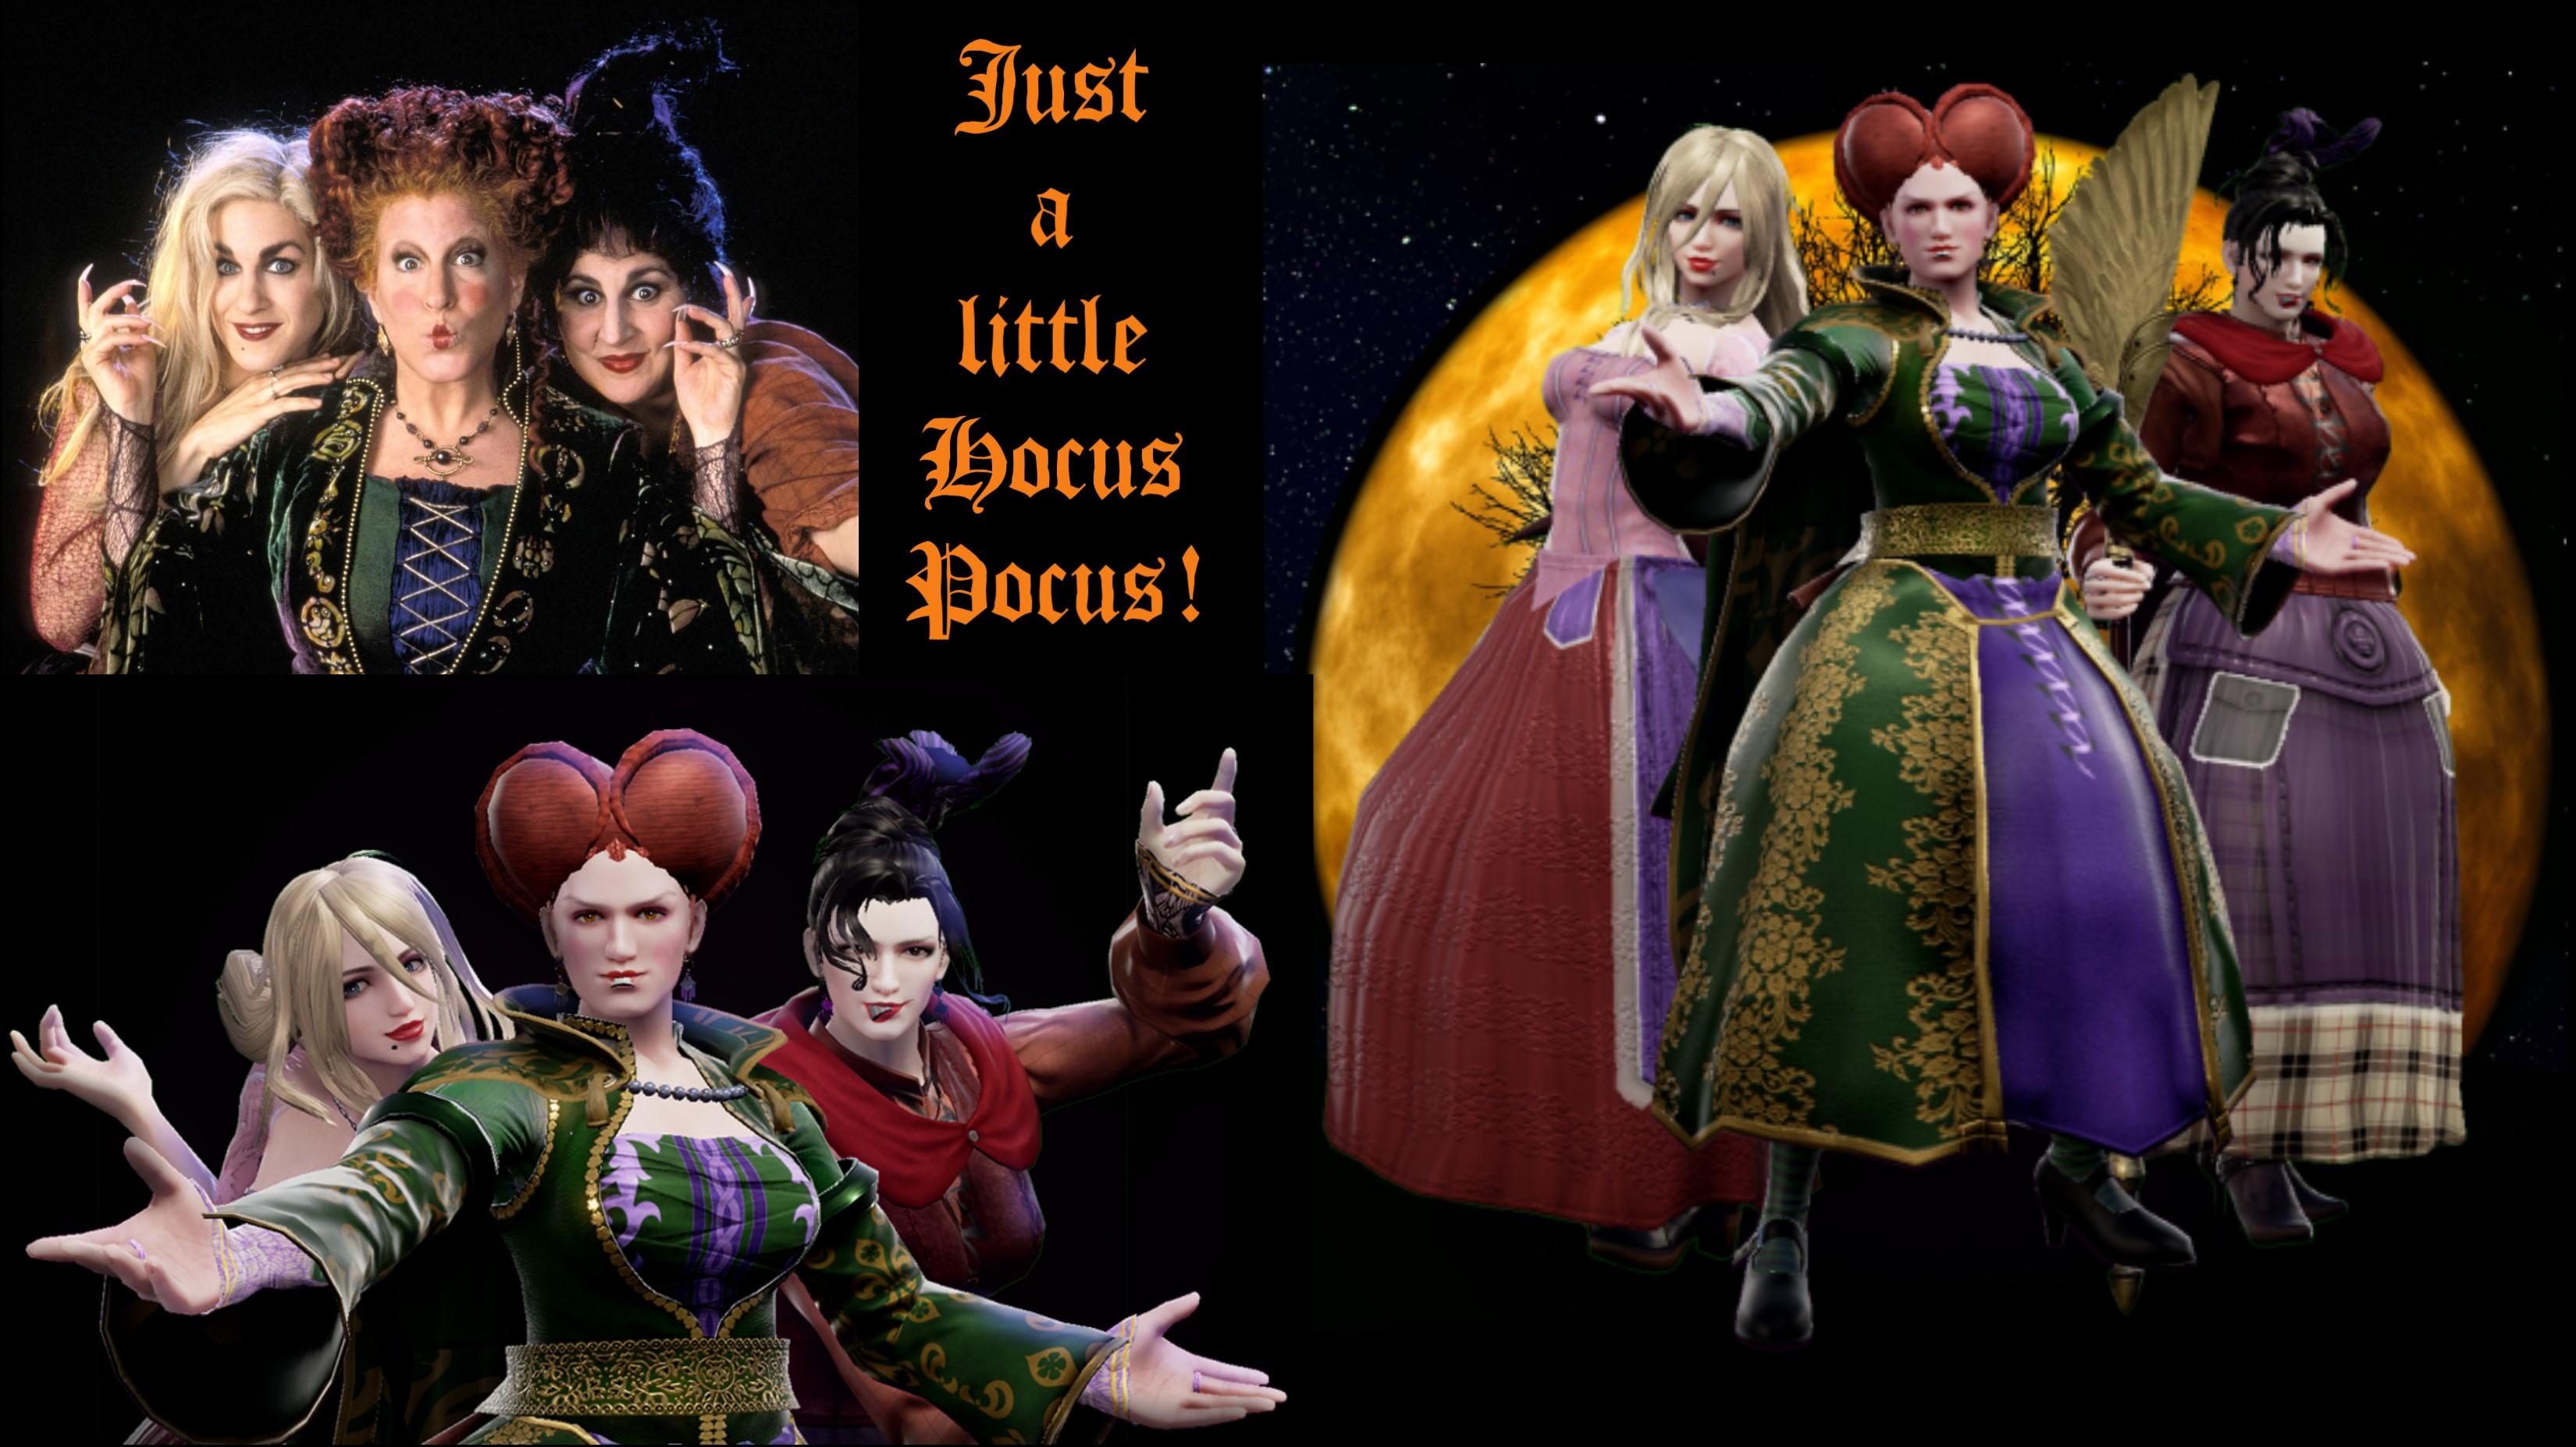 Hocus Pocus soul cal collage.jpg